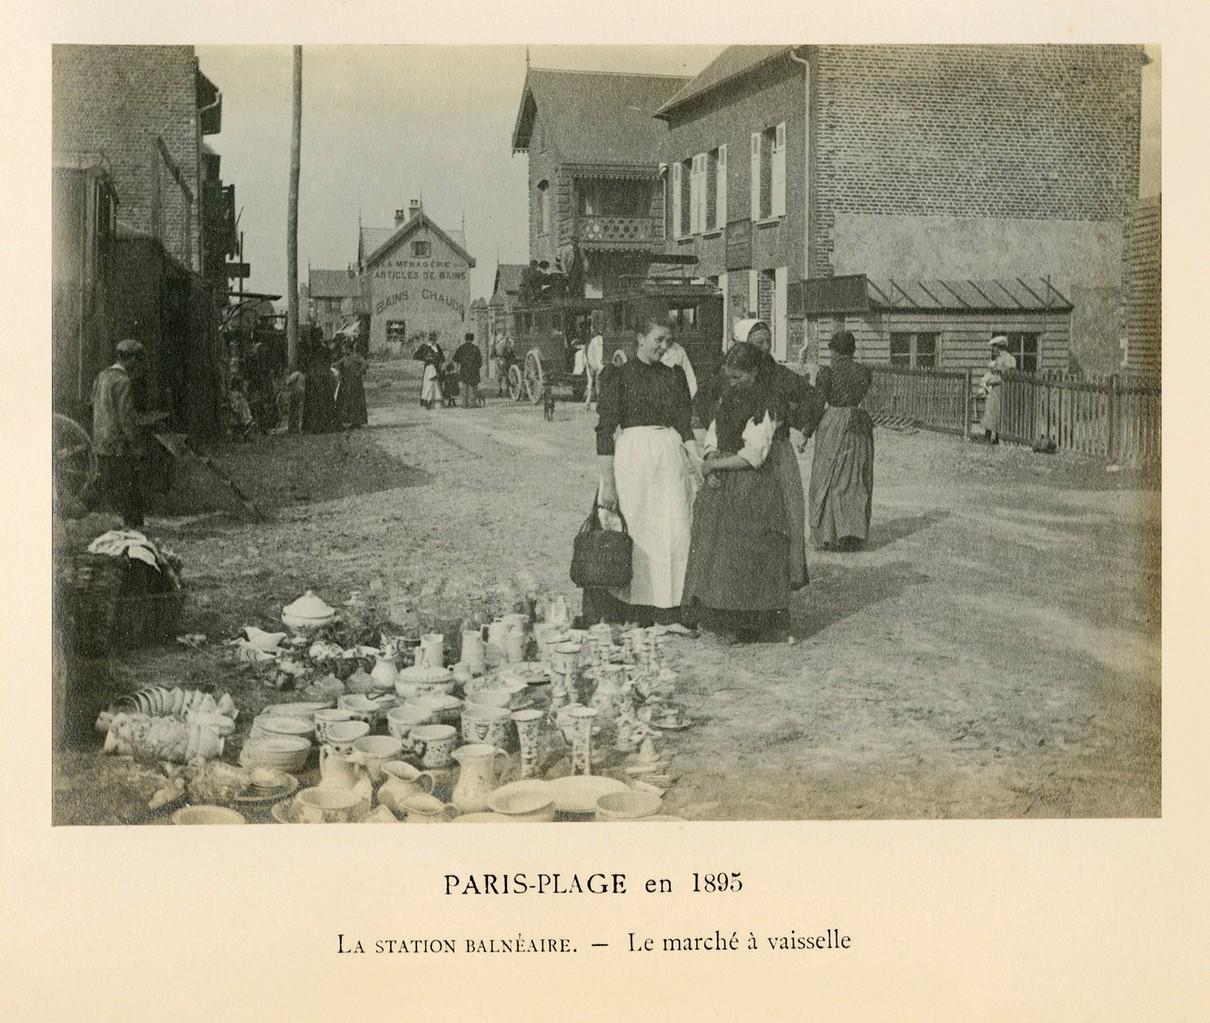 Edouard Lévèque, Station balnéaire - le marché à vaisselle